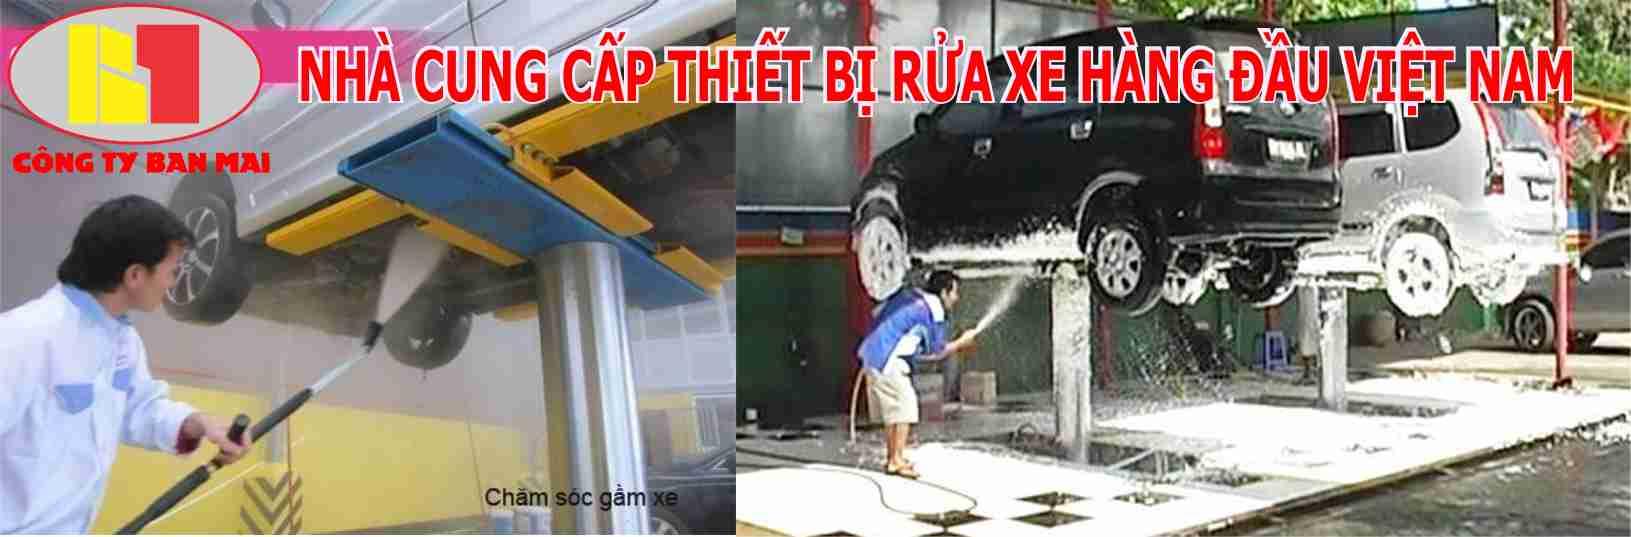 Cầu nâng rửa xe, Cau nang rua xe 1 tru, ben nang rua xe oto, tru nang rua xe 1 tru